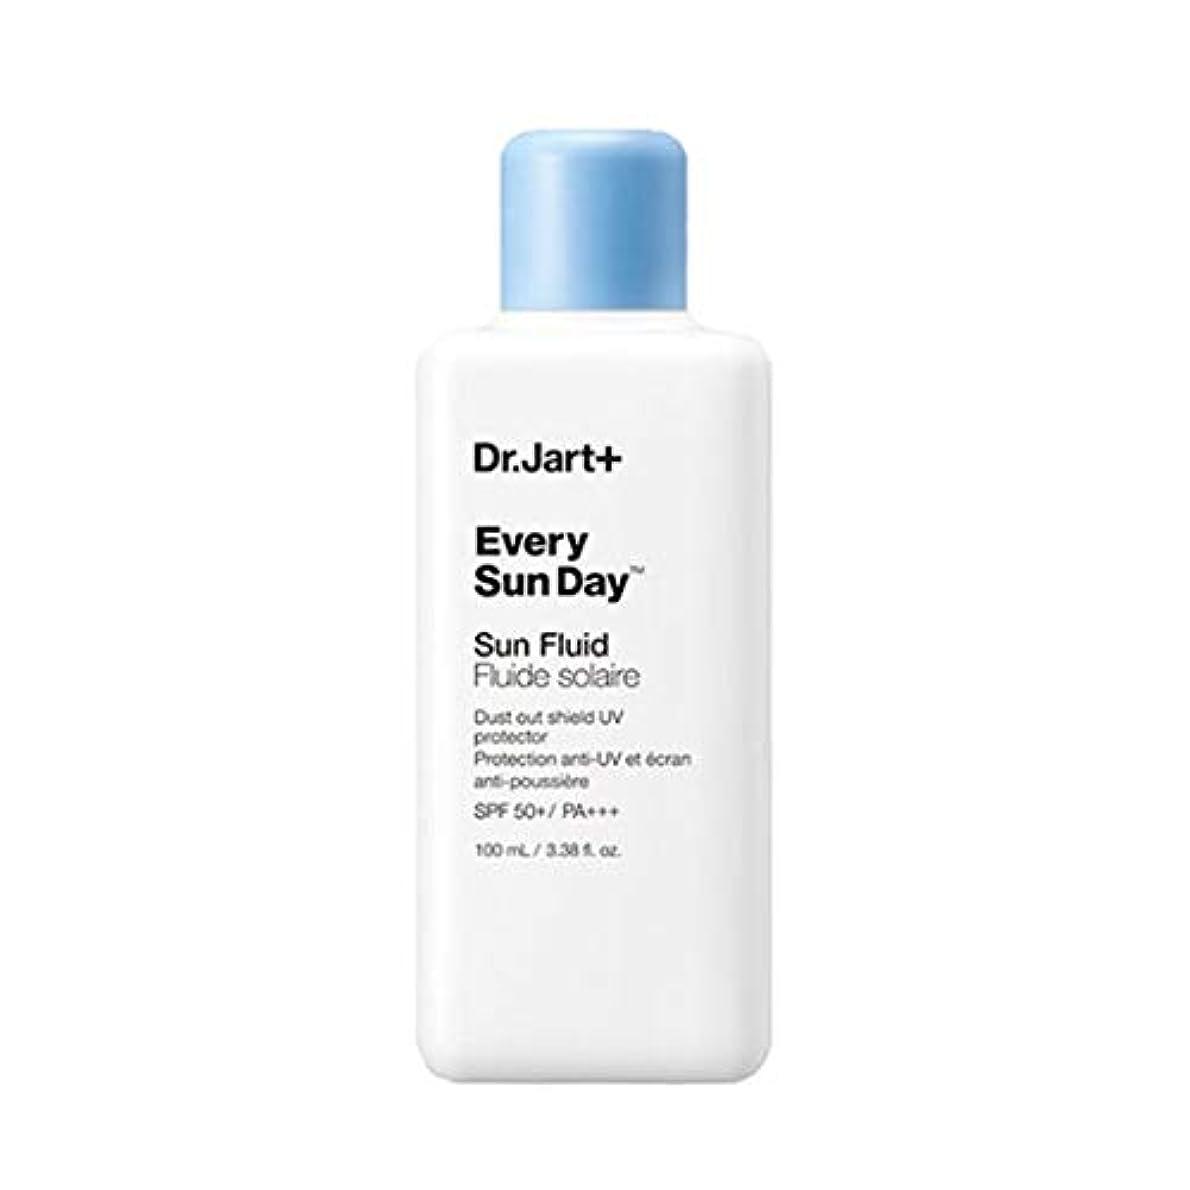 慎重にオッズ引退するドクタージャルトゥエヴリサンデーソンプルルイドゥSPF50+PA+++100mlソンクリム、Dr.Jart Every Sun Day Sun Fluid SPF50+ PA+++ 100ml Sun Cream [並行輸入品]